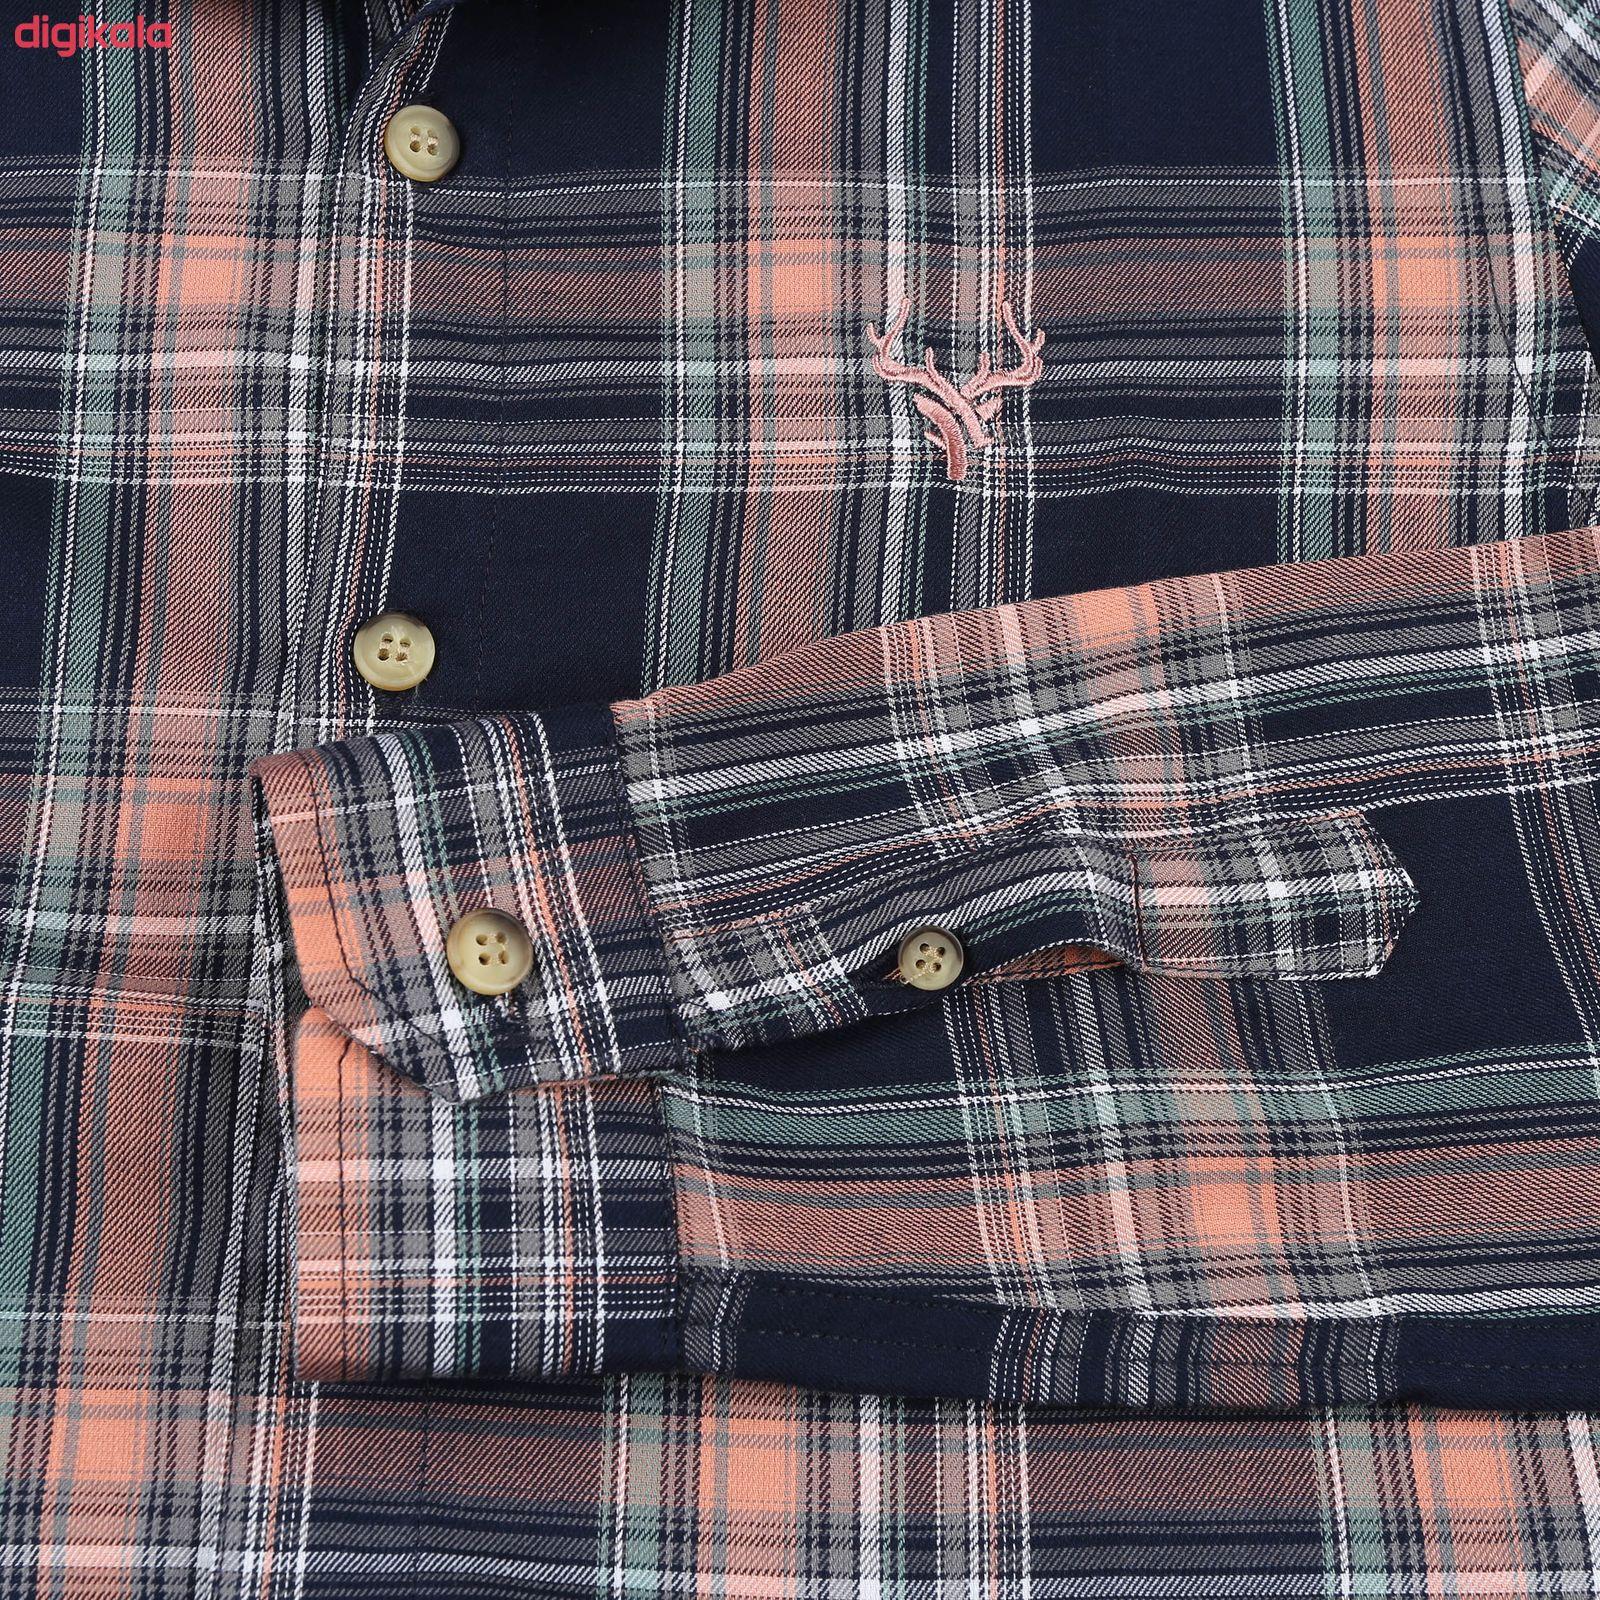 پیراهن پسرانه ناوالس کد G-20119-NV main 1 3